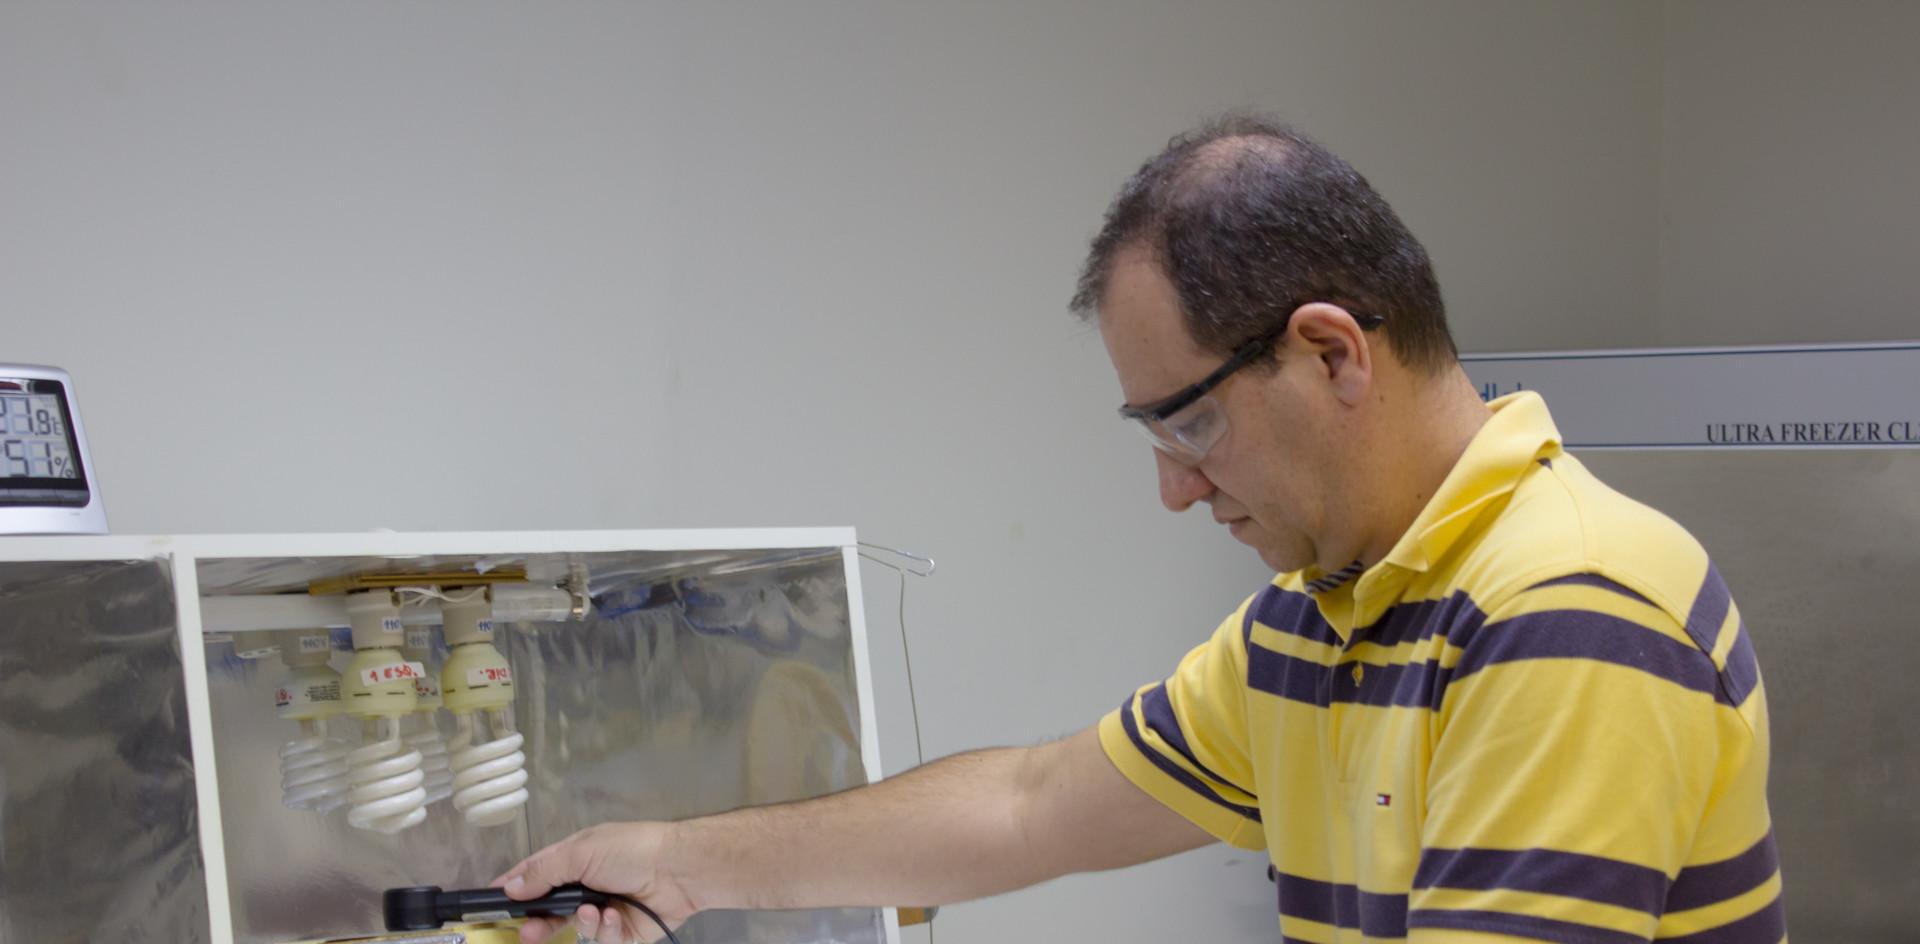 Laboratório de Diagnóstico Óptico O Laboratório de Diagnóstico Óptico conta com um espectrômetro Raman de alta resolução que permite analisar materiais orgânicos e inorgânicos naturais e sintéticos, visando determinar sua estrutura química, modificações moleculares decorrentes de processamento nestes materiais e avaliações quantitativas, em uma variedade de aplicações incluindo desenvolvimento de materiais, materiais biológicos, diagnóstico, controle de qualidade, em indústrias farmacêutica, alimentícia e de transformação.